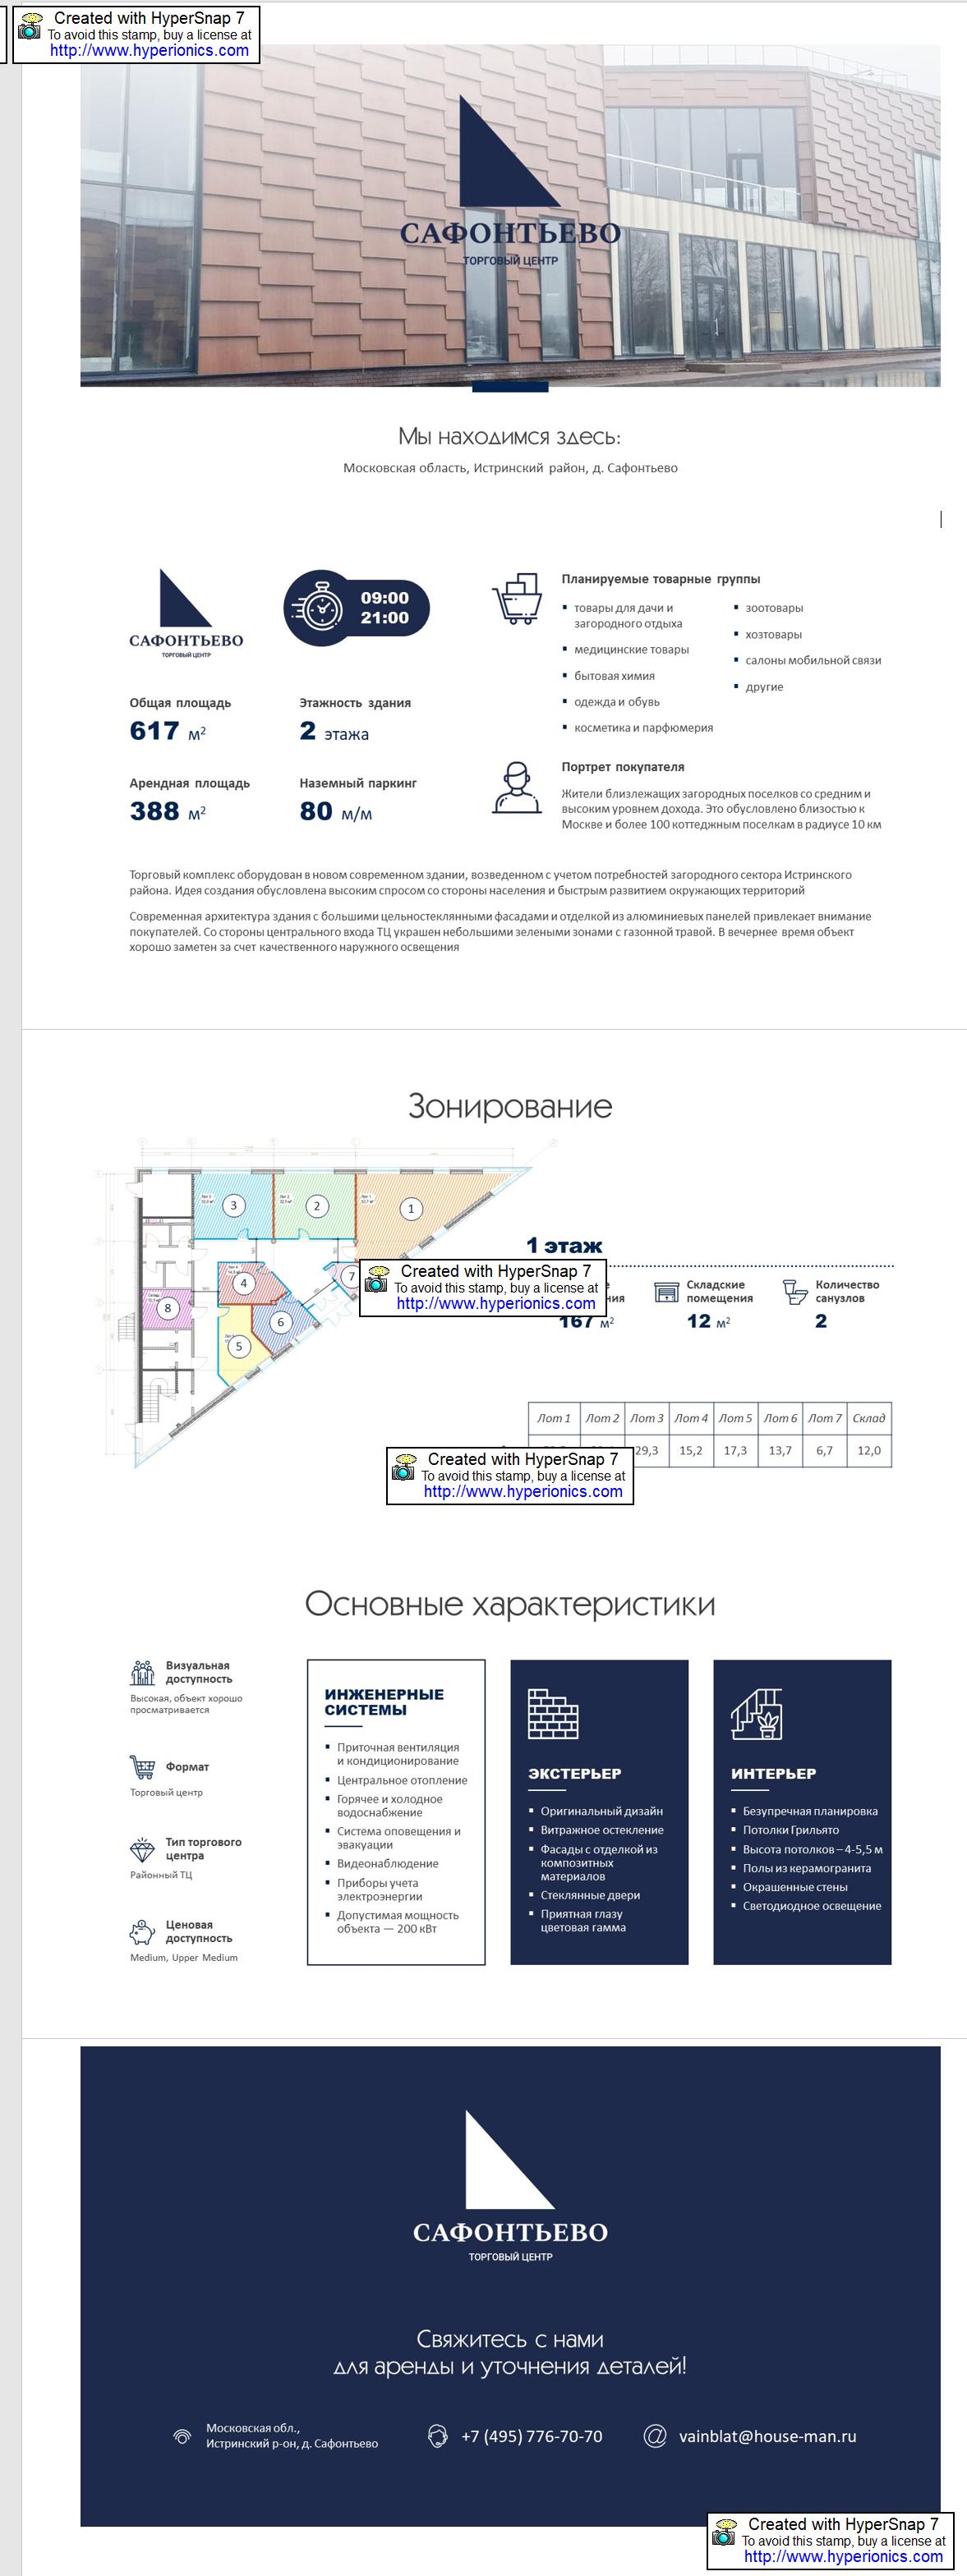 Презентация ТЦ Сафонтьево